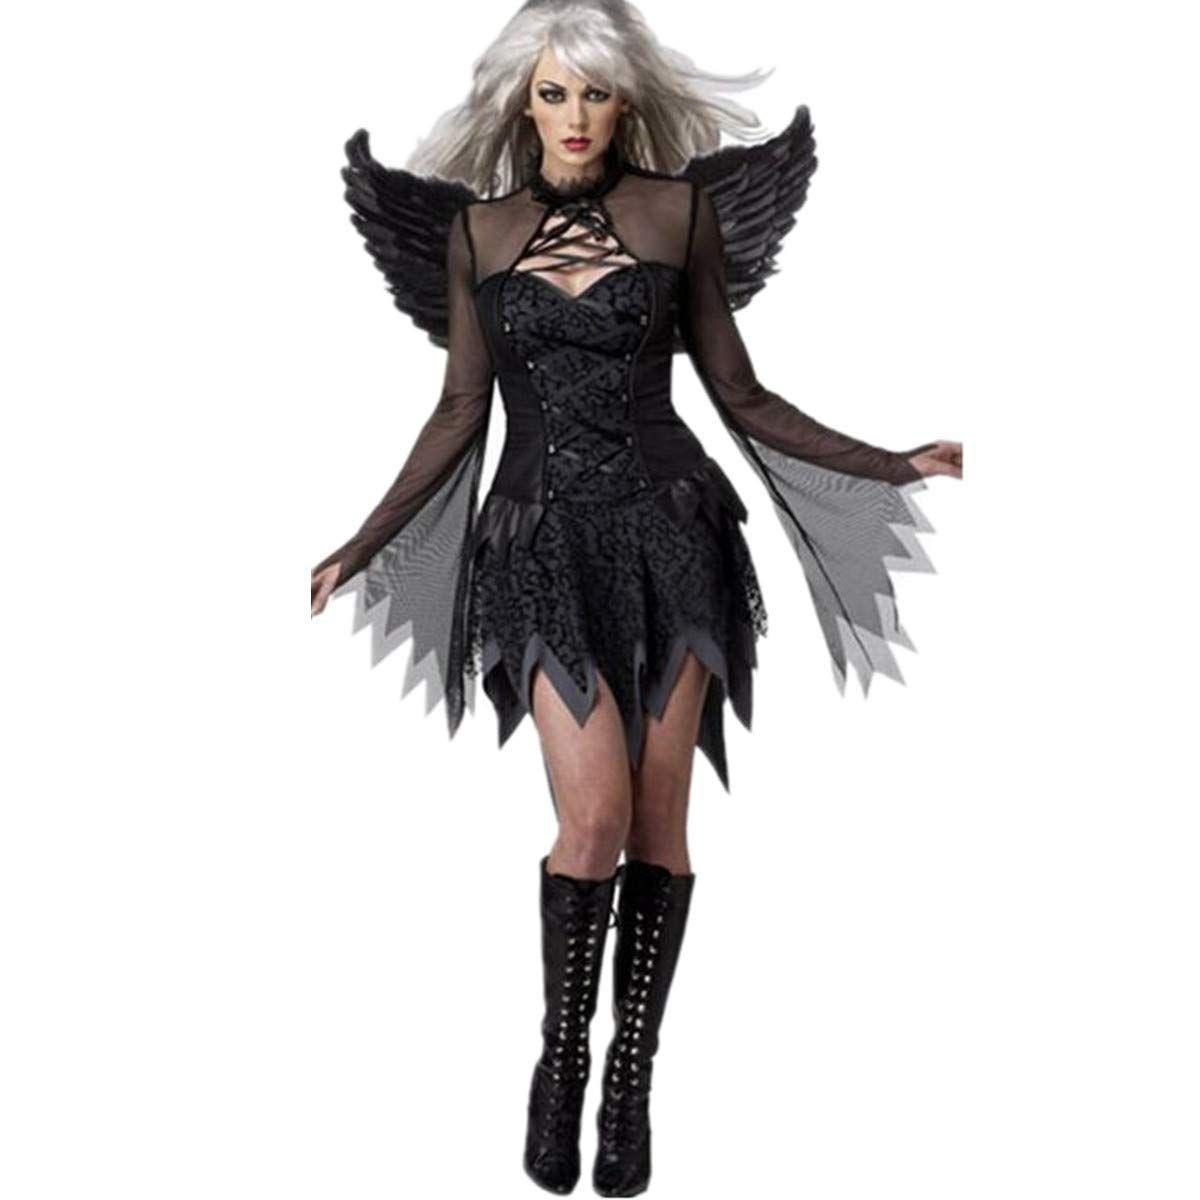 069c0a6dd2 Elegantes Kostüm für Damen zu Halloween Das Kostüm ist für Erwachsene und  sowohl in schwarz als